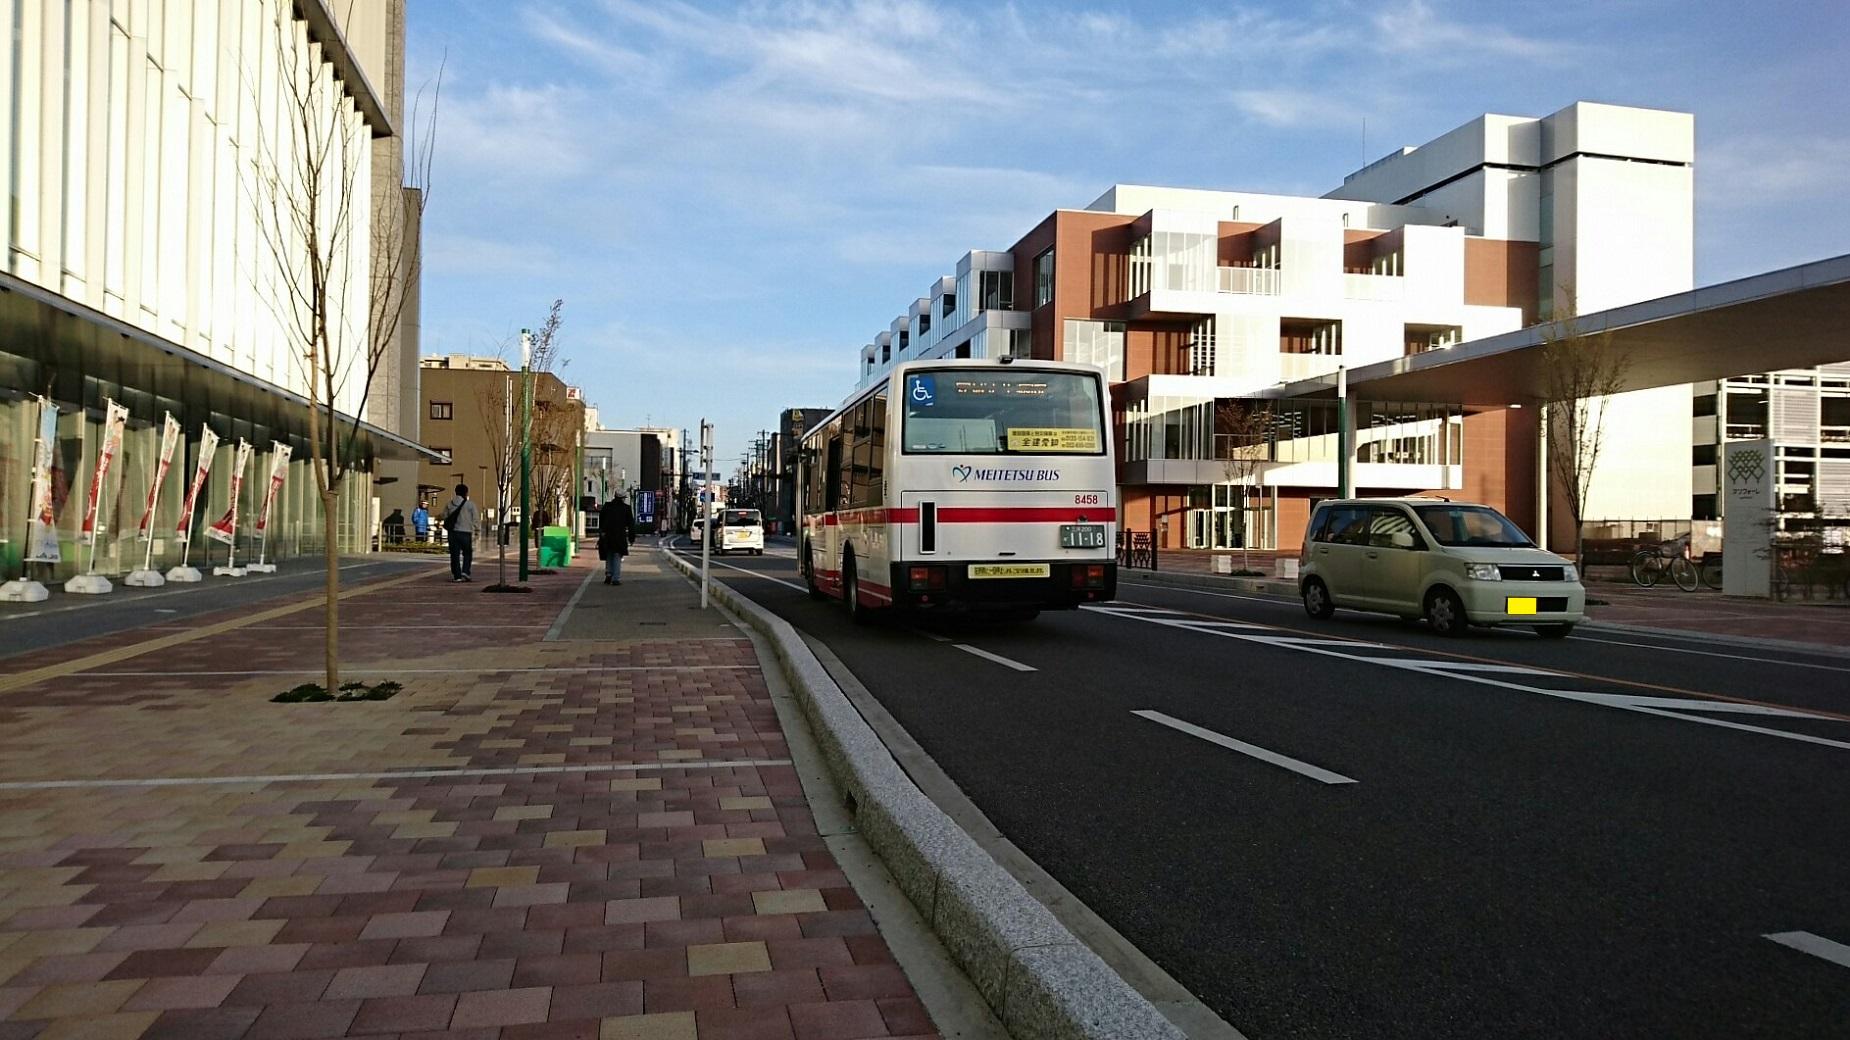 2018.3.23 東海道線 (78) アンフォーレ - 名鉄バス 1850-1040